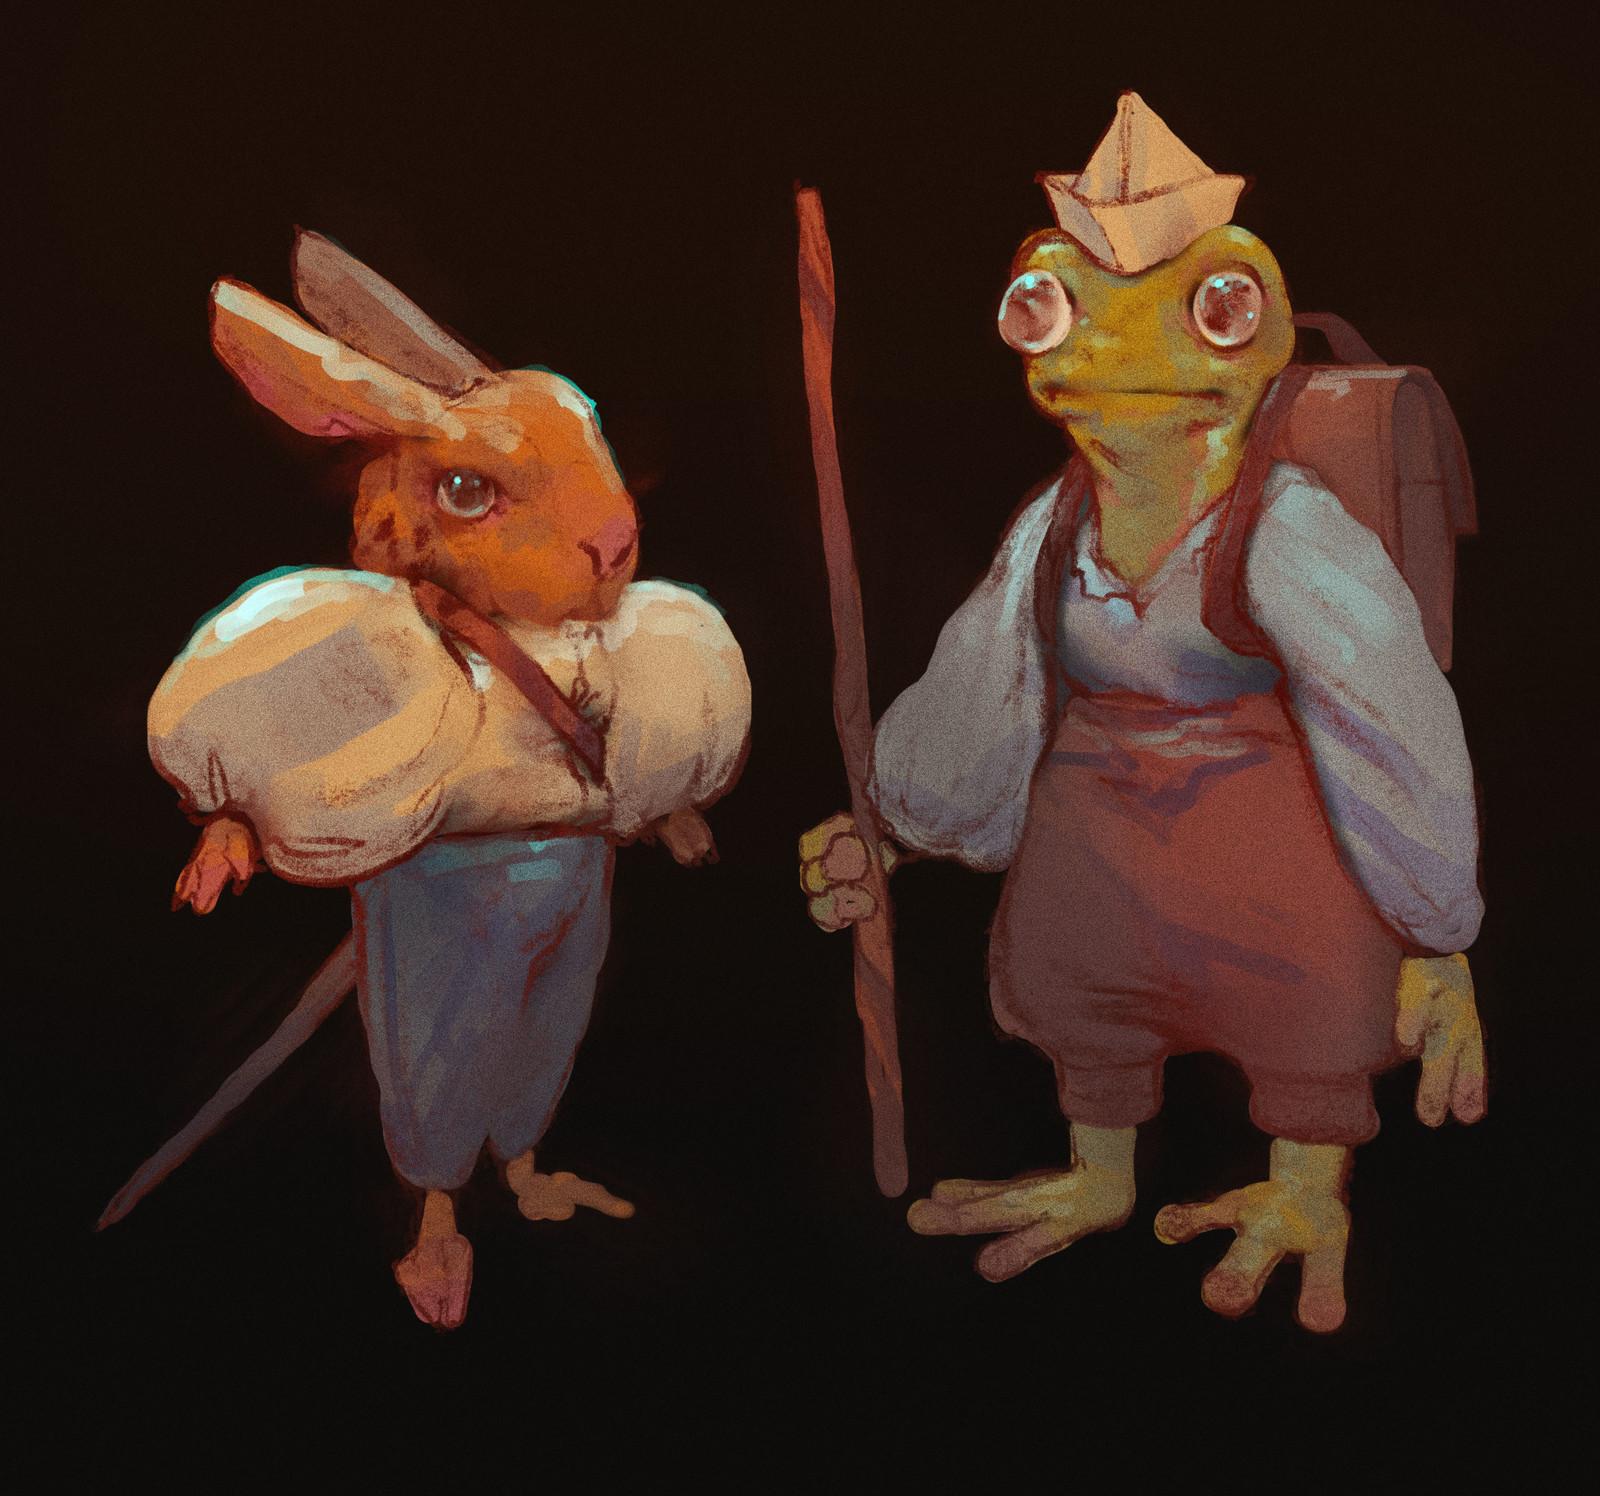 Bun and Frog